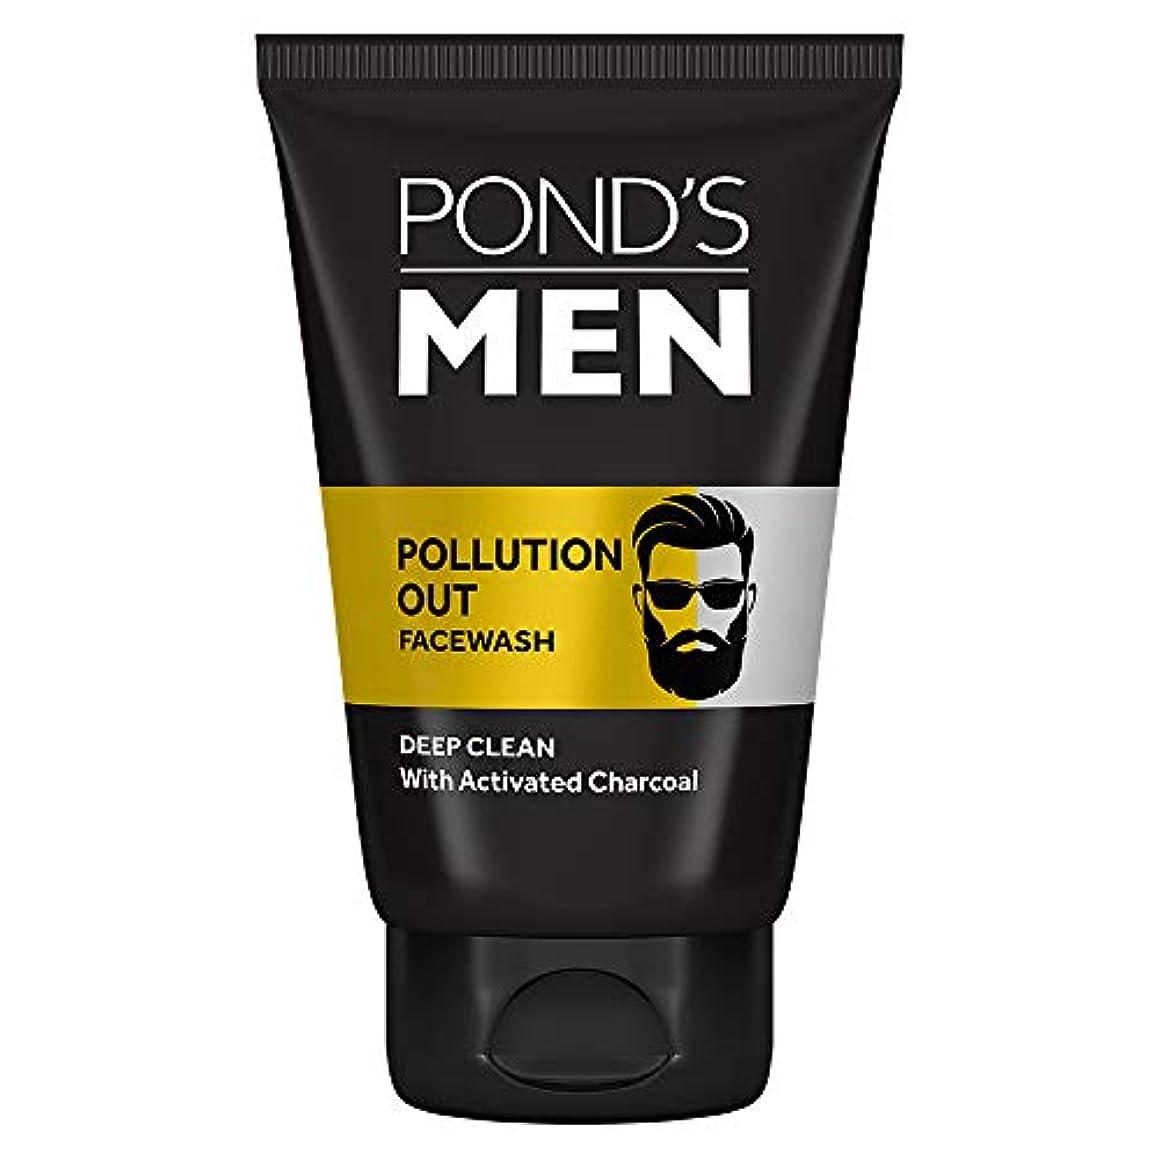 ベアリングサークル木ユーモアPond's Men Pollution Out Face Wash, Feel Fresh 100gm